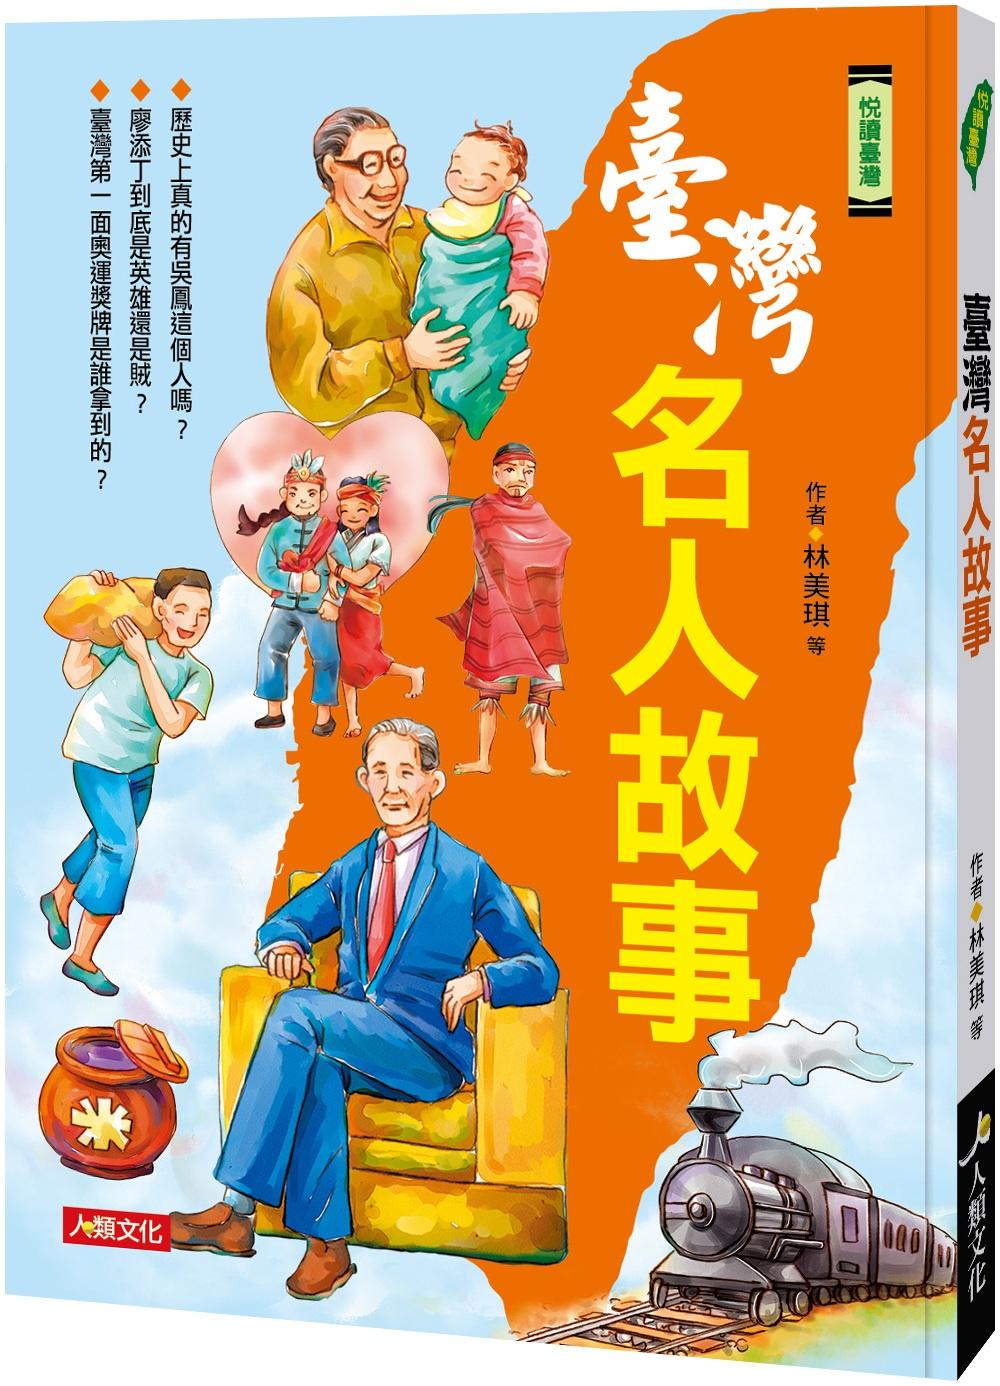 悅讀臺灣:臺灣名人故事